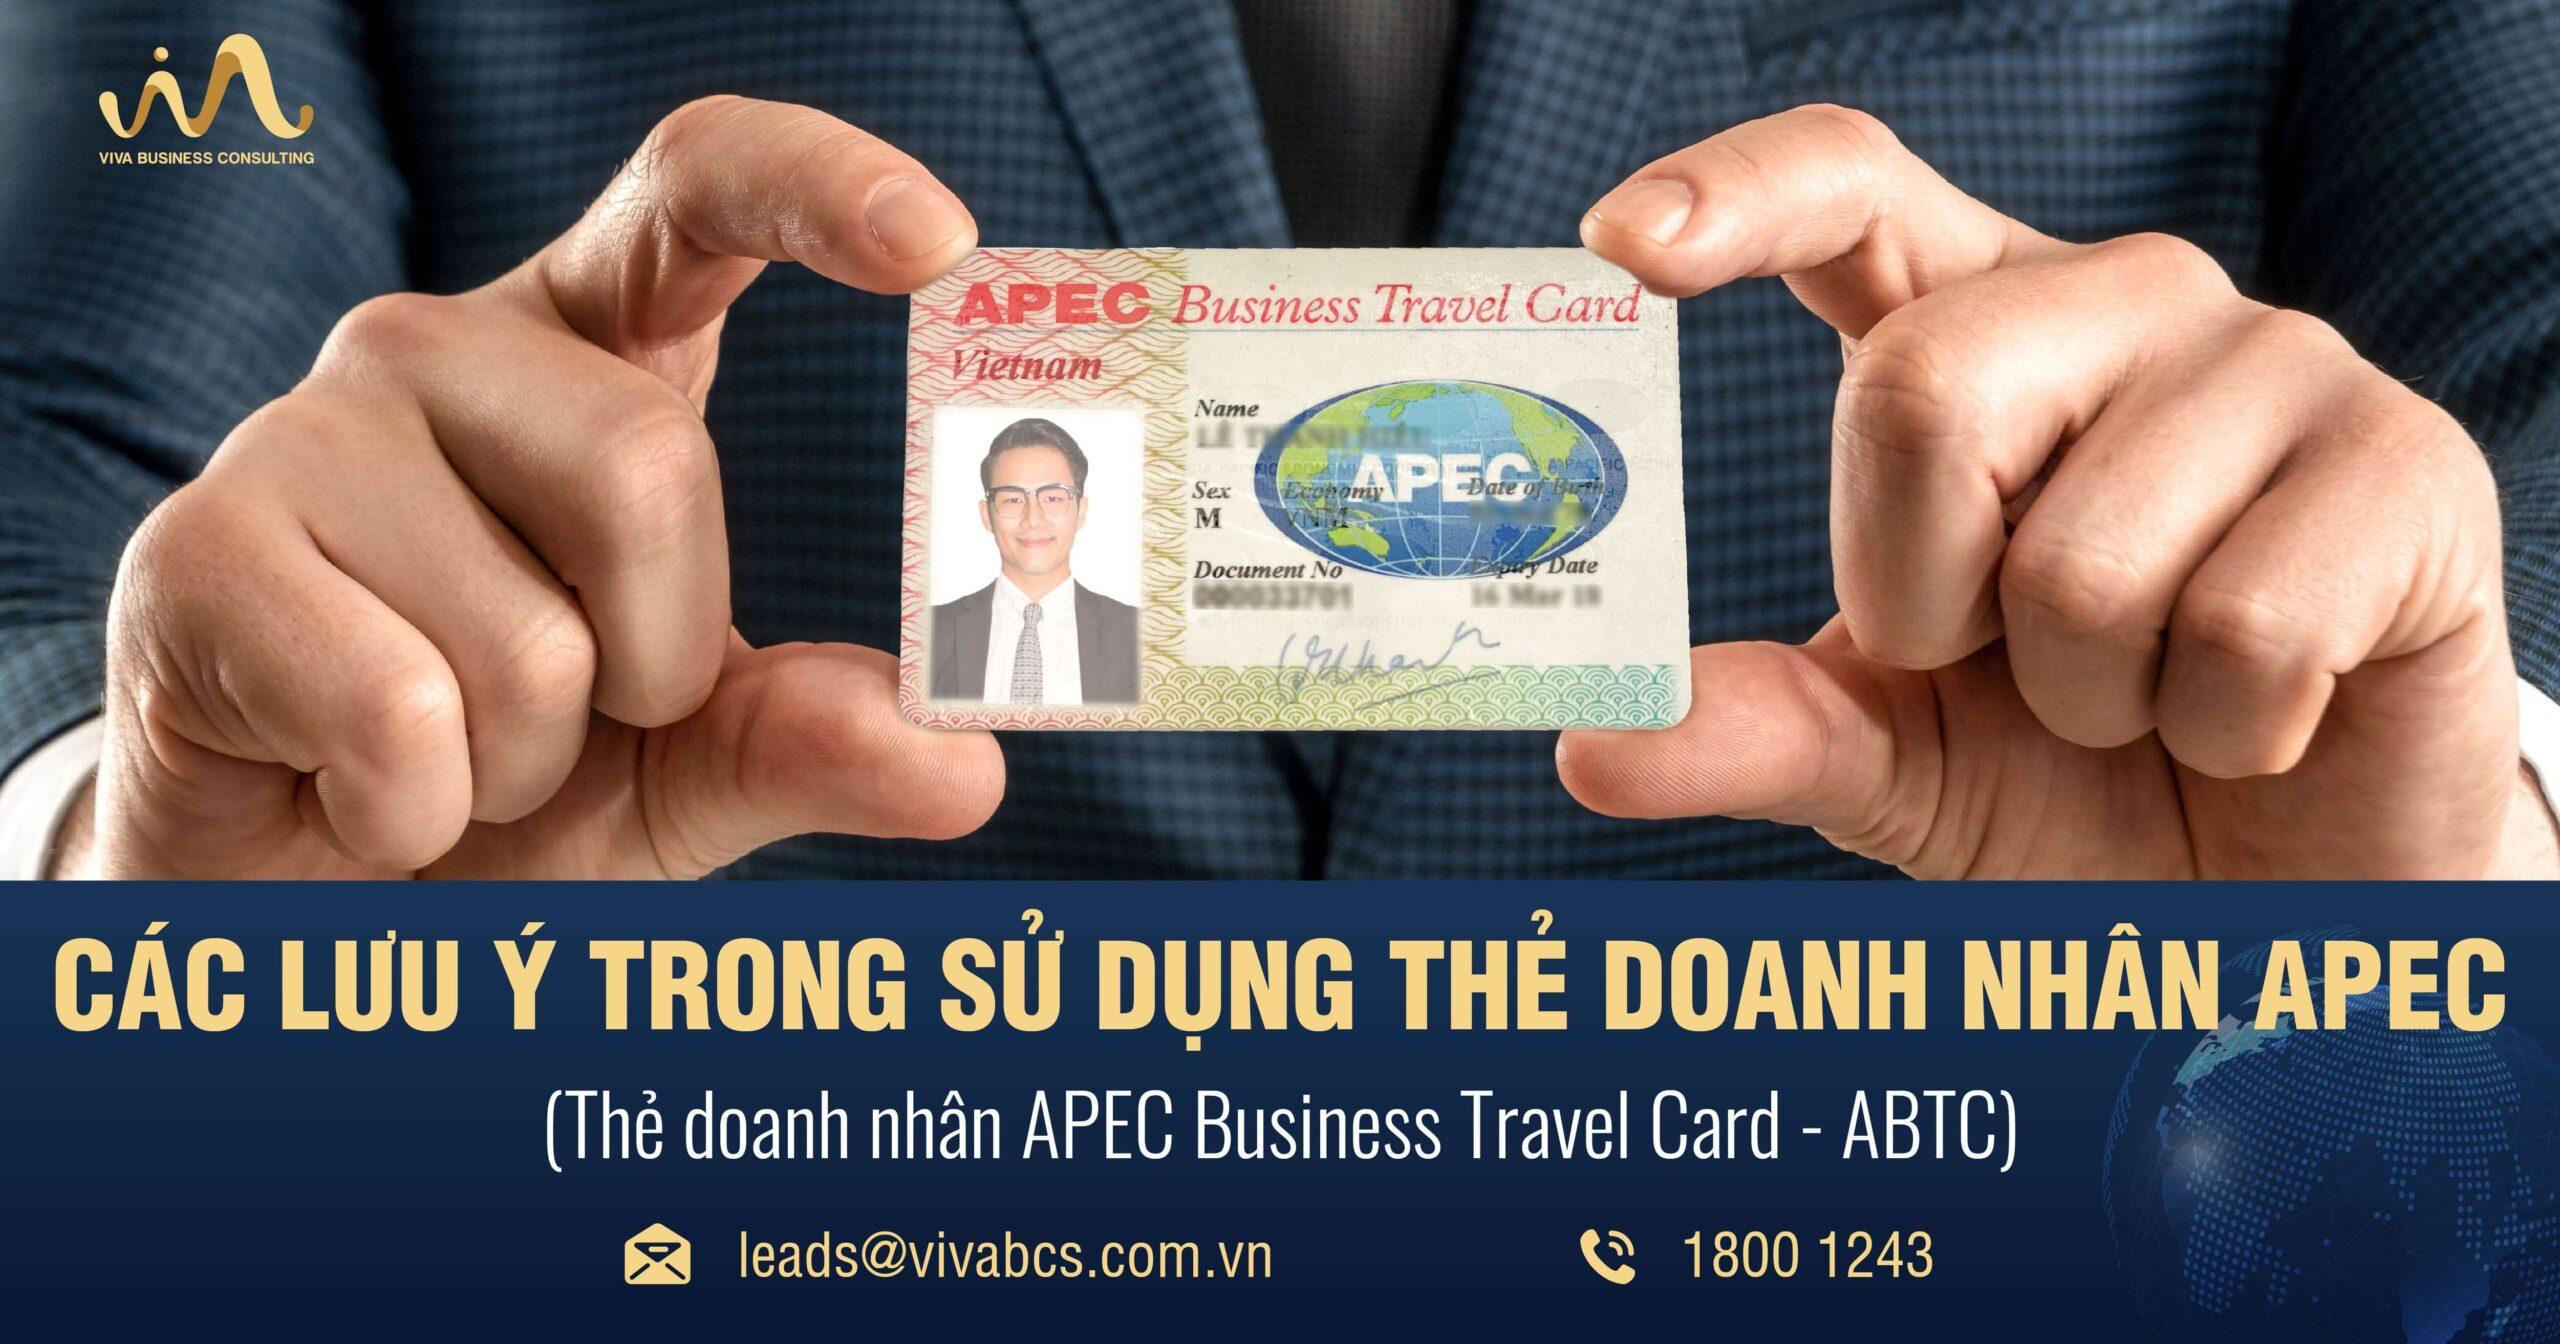 Lưu ý khi sử dụng thẻ doanh nhân APEC